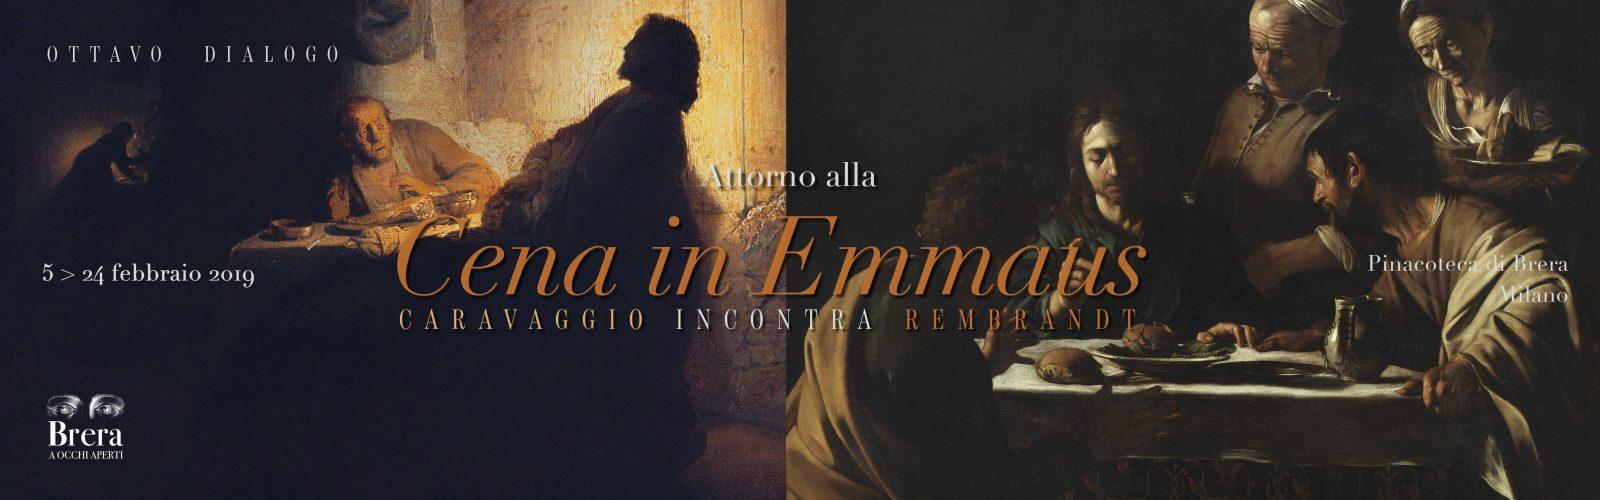 """Ottavo dialogo """"Attorno alla Cena in Emmaus. Caravaggio incontra Rembrandt"""""""